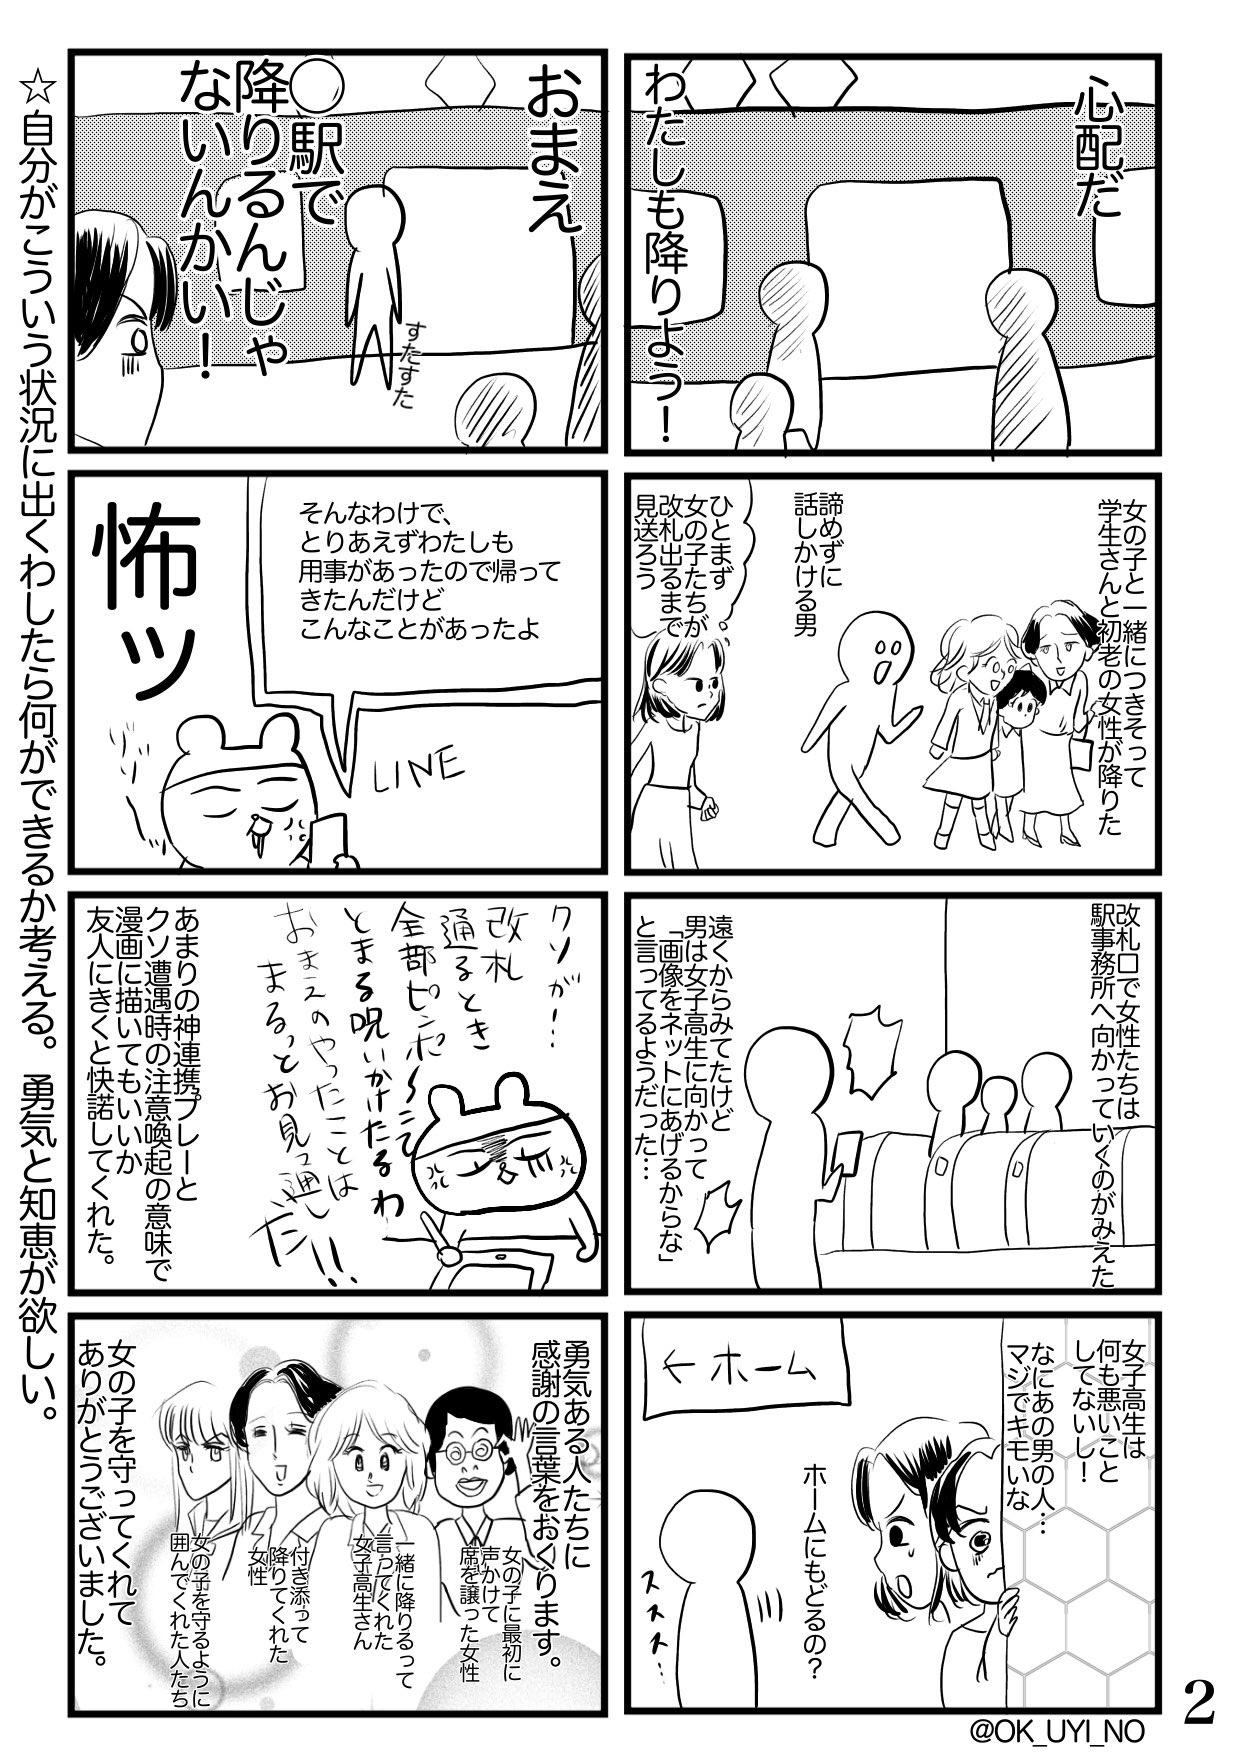 【実録漫画】電車で男性に絡まれて困っている女の子を見かけたらこうやって助けてあげて!